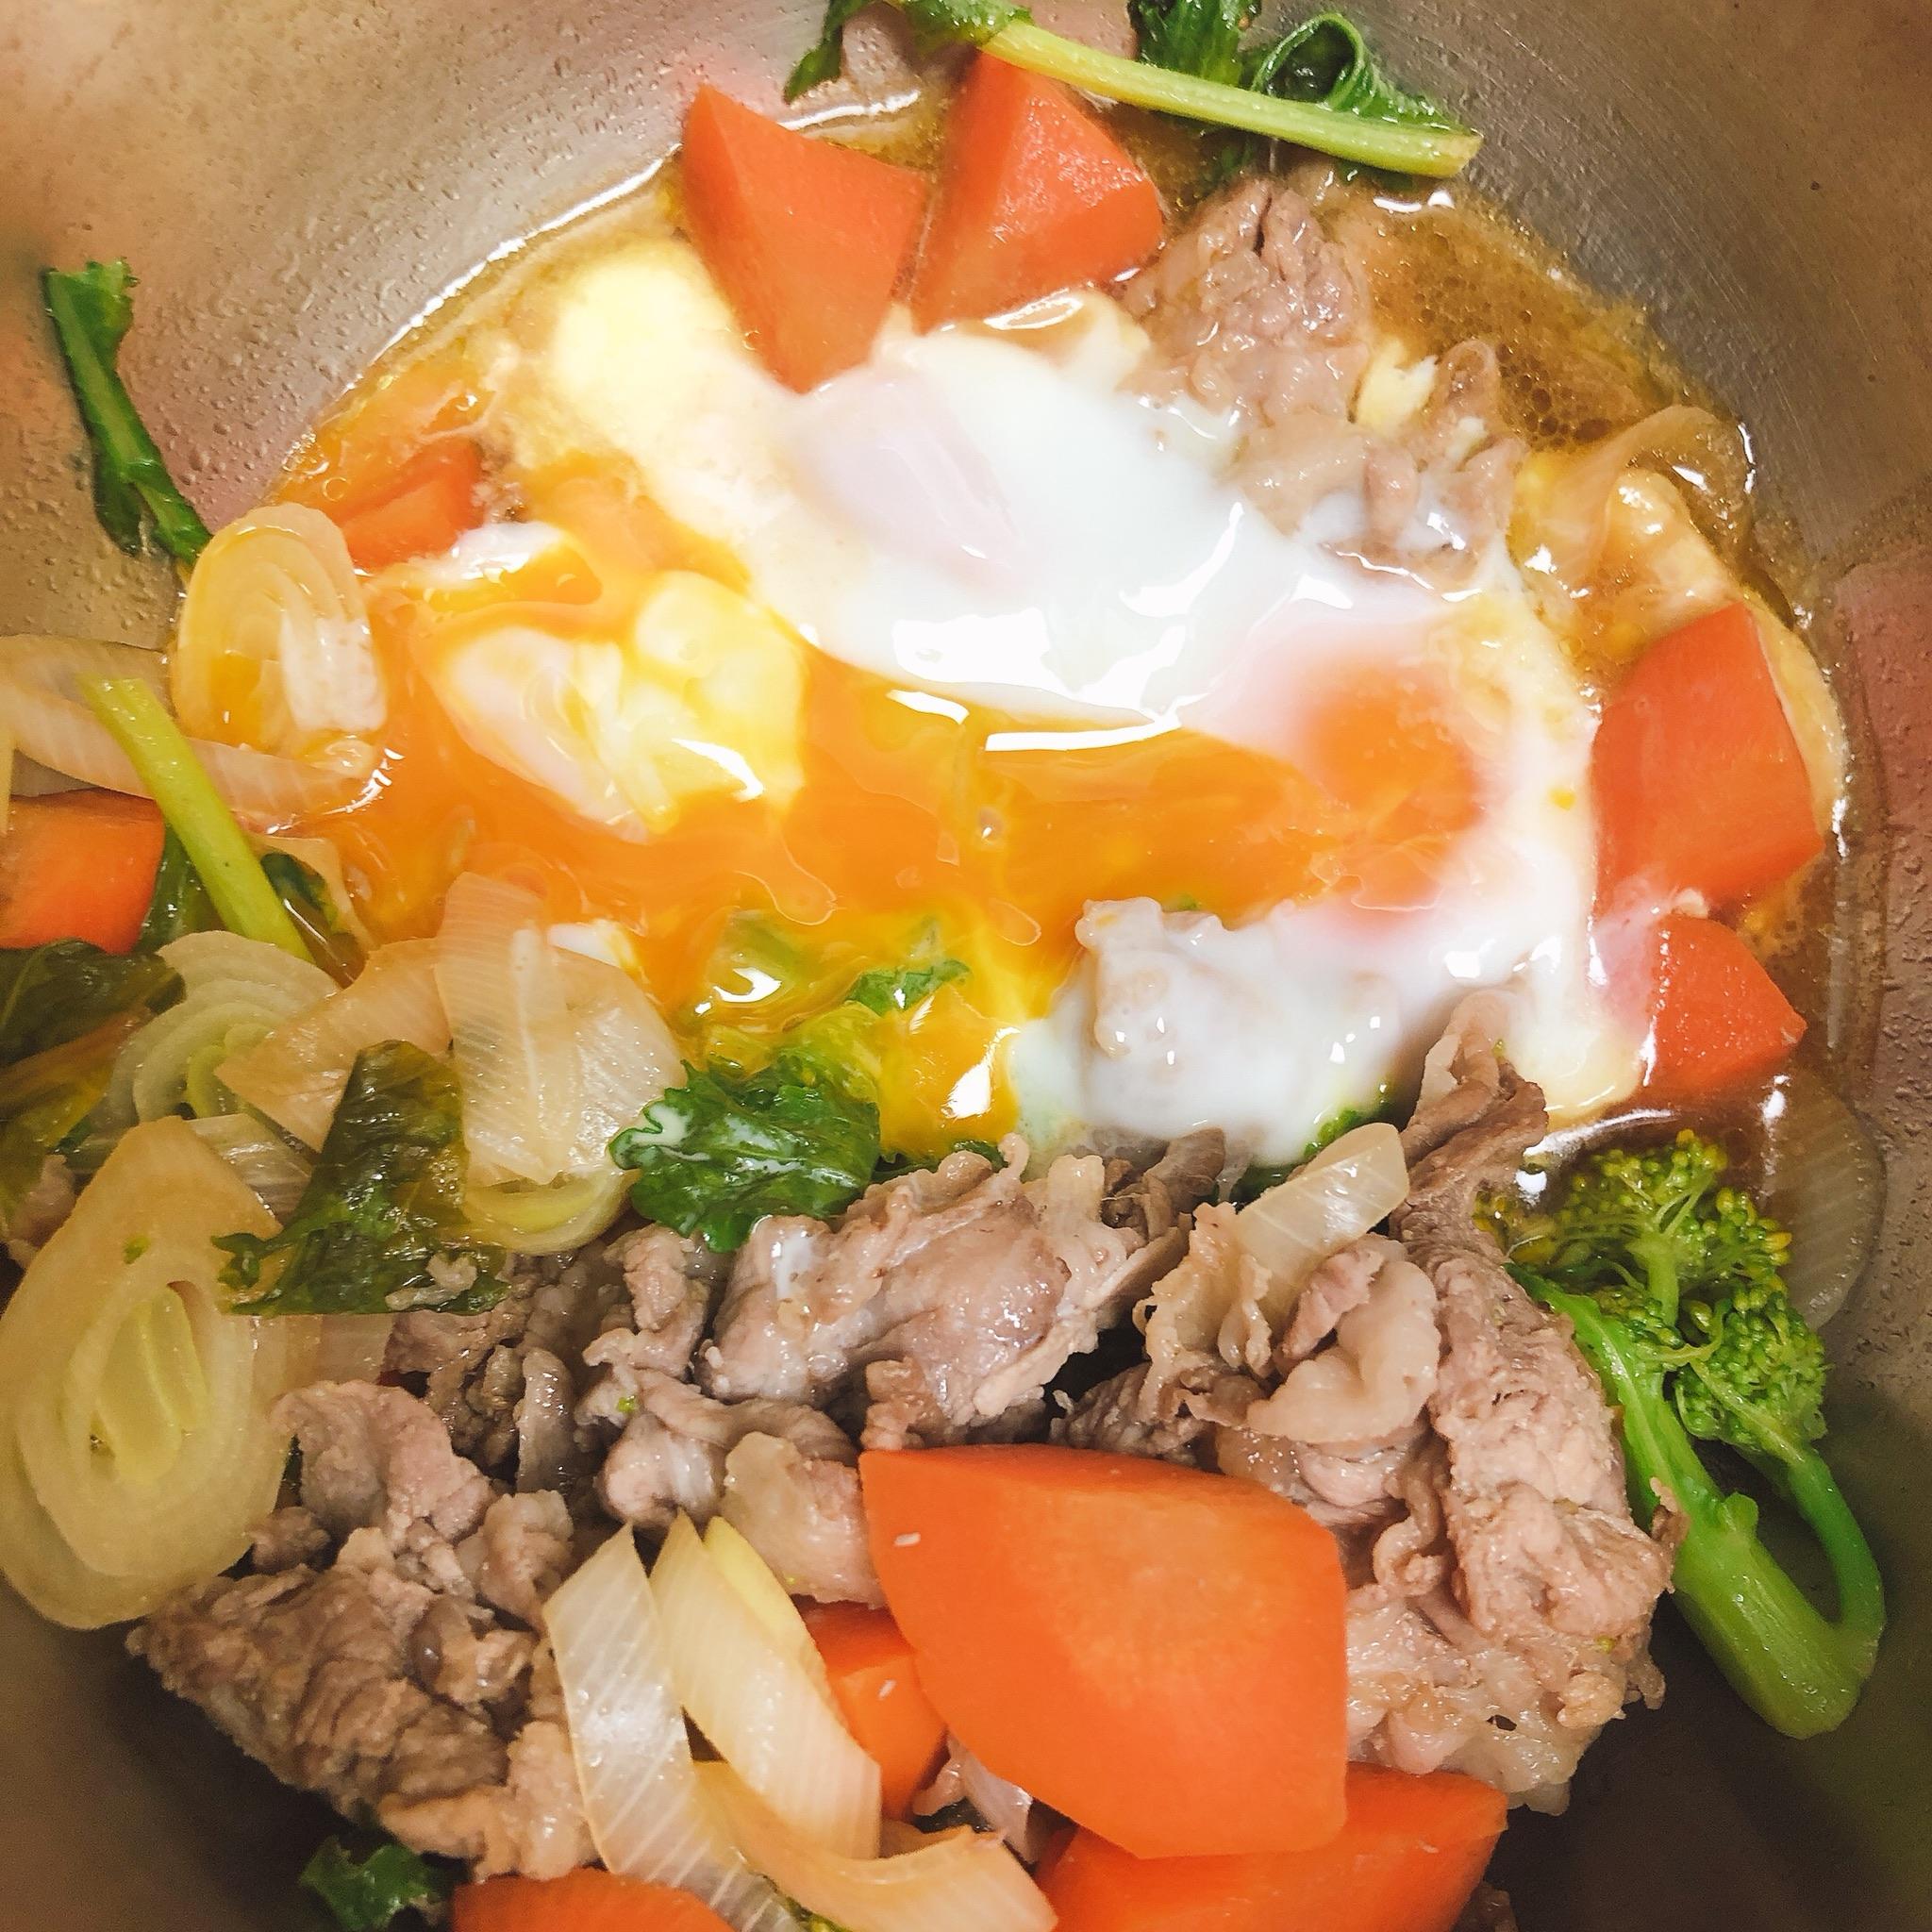 豚肉と残り野菜に卵を落としたら最高のホットクック丼